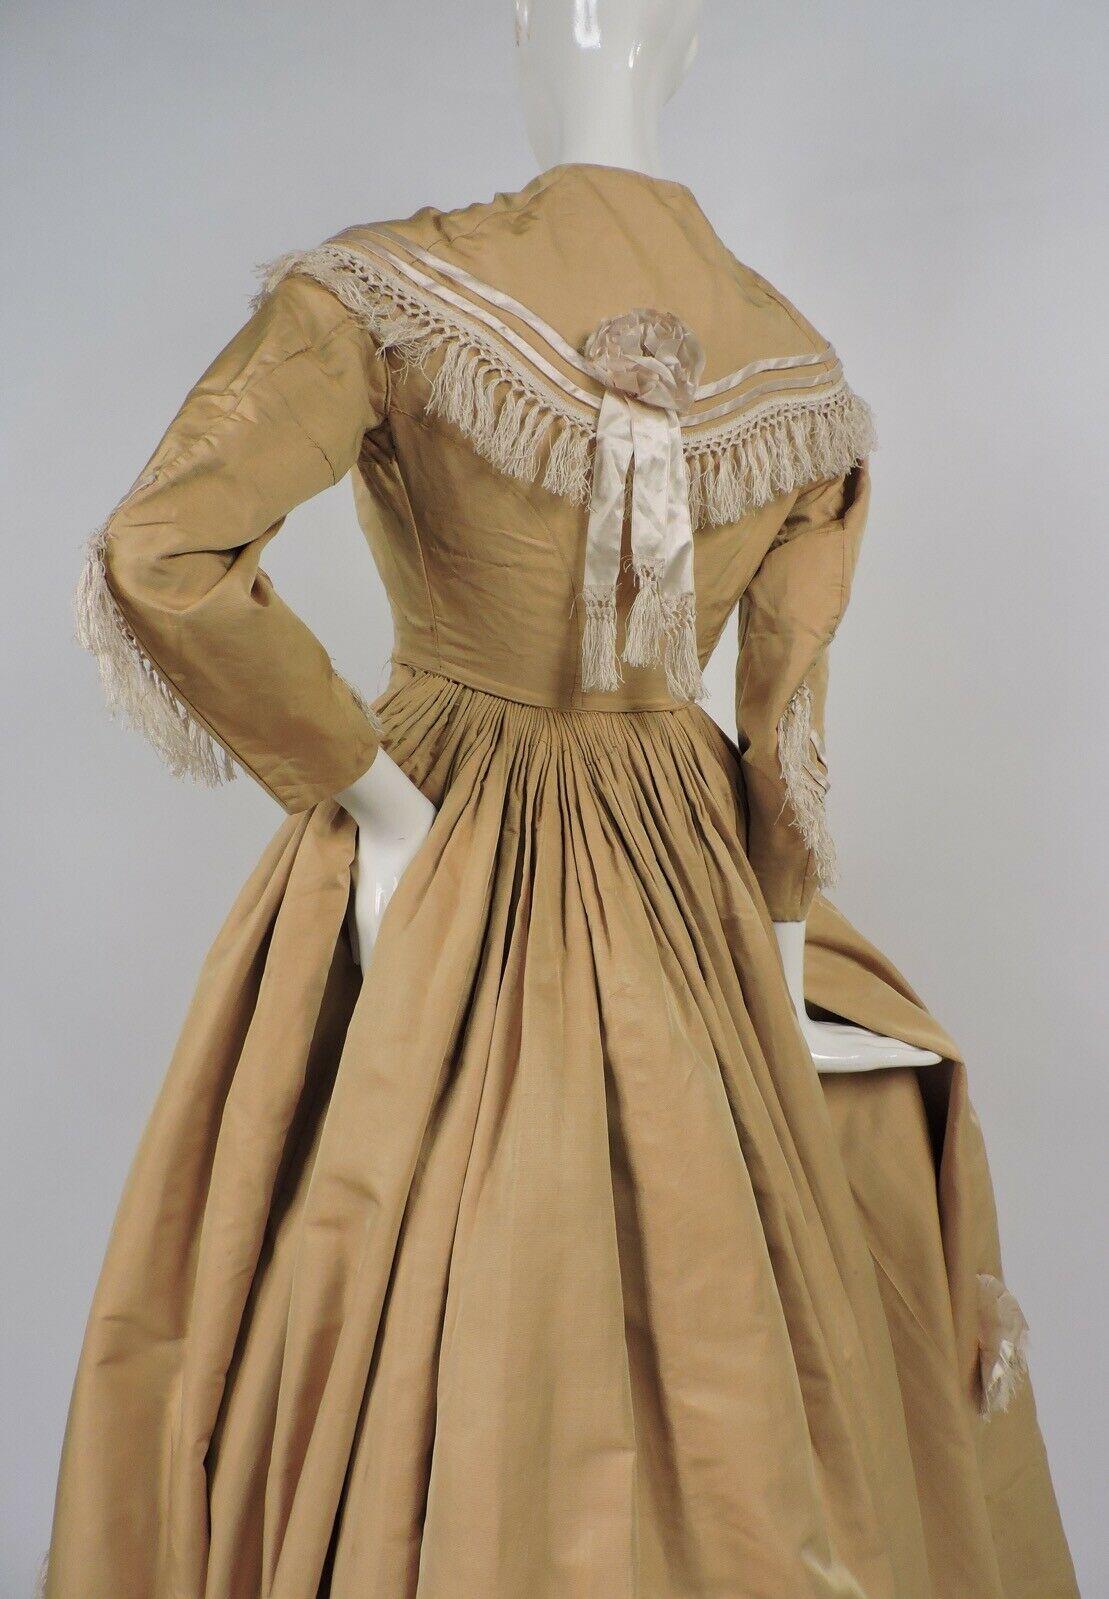 Civil War Era Golden Silk Dress W Silk Piping Rosettes And Fringe Ebay Vintage Dresses 1800 Vintage Dresses Casual Vintage Dresses [ 1599 x 1109 Pixel ]